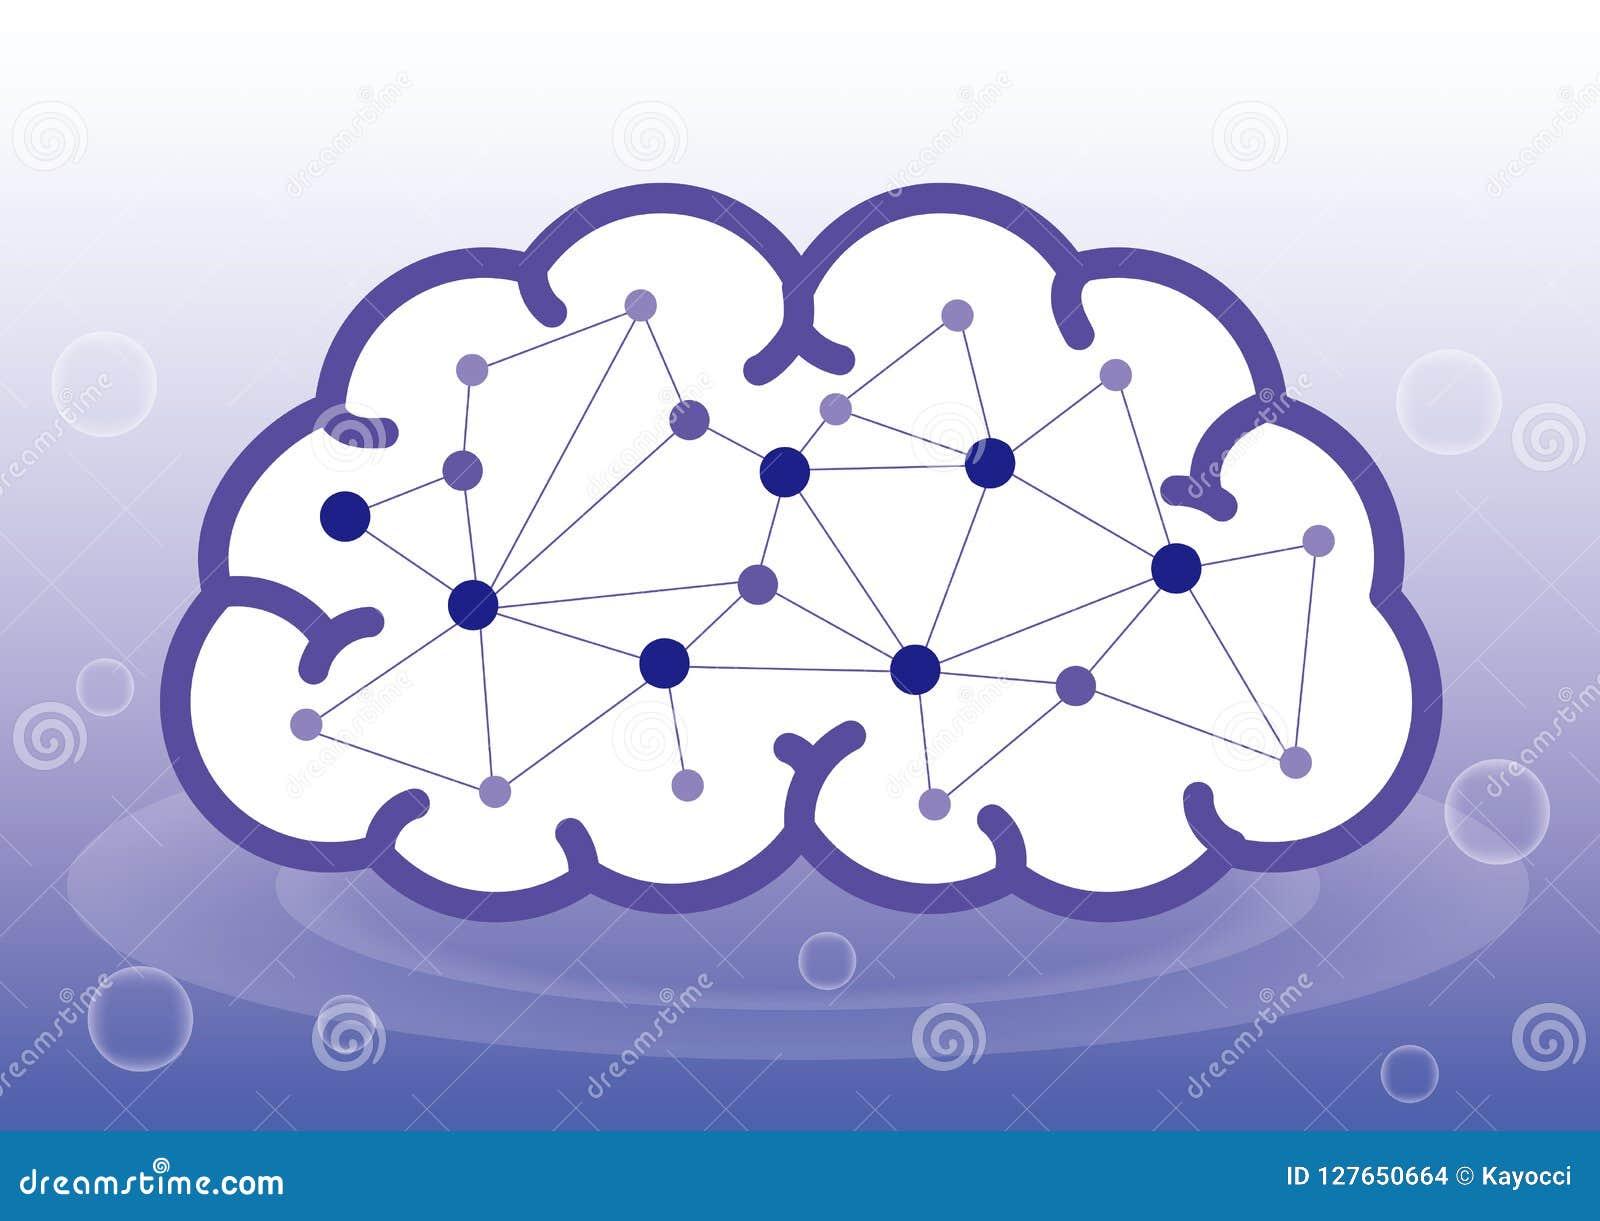 Inteligência artificial ou interior a imagem do cérebro humano